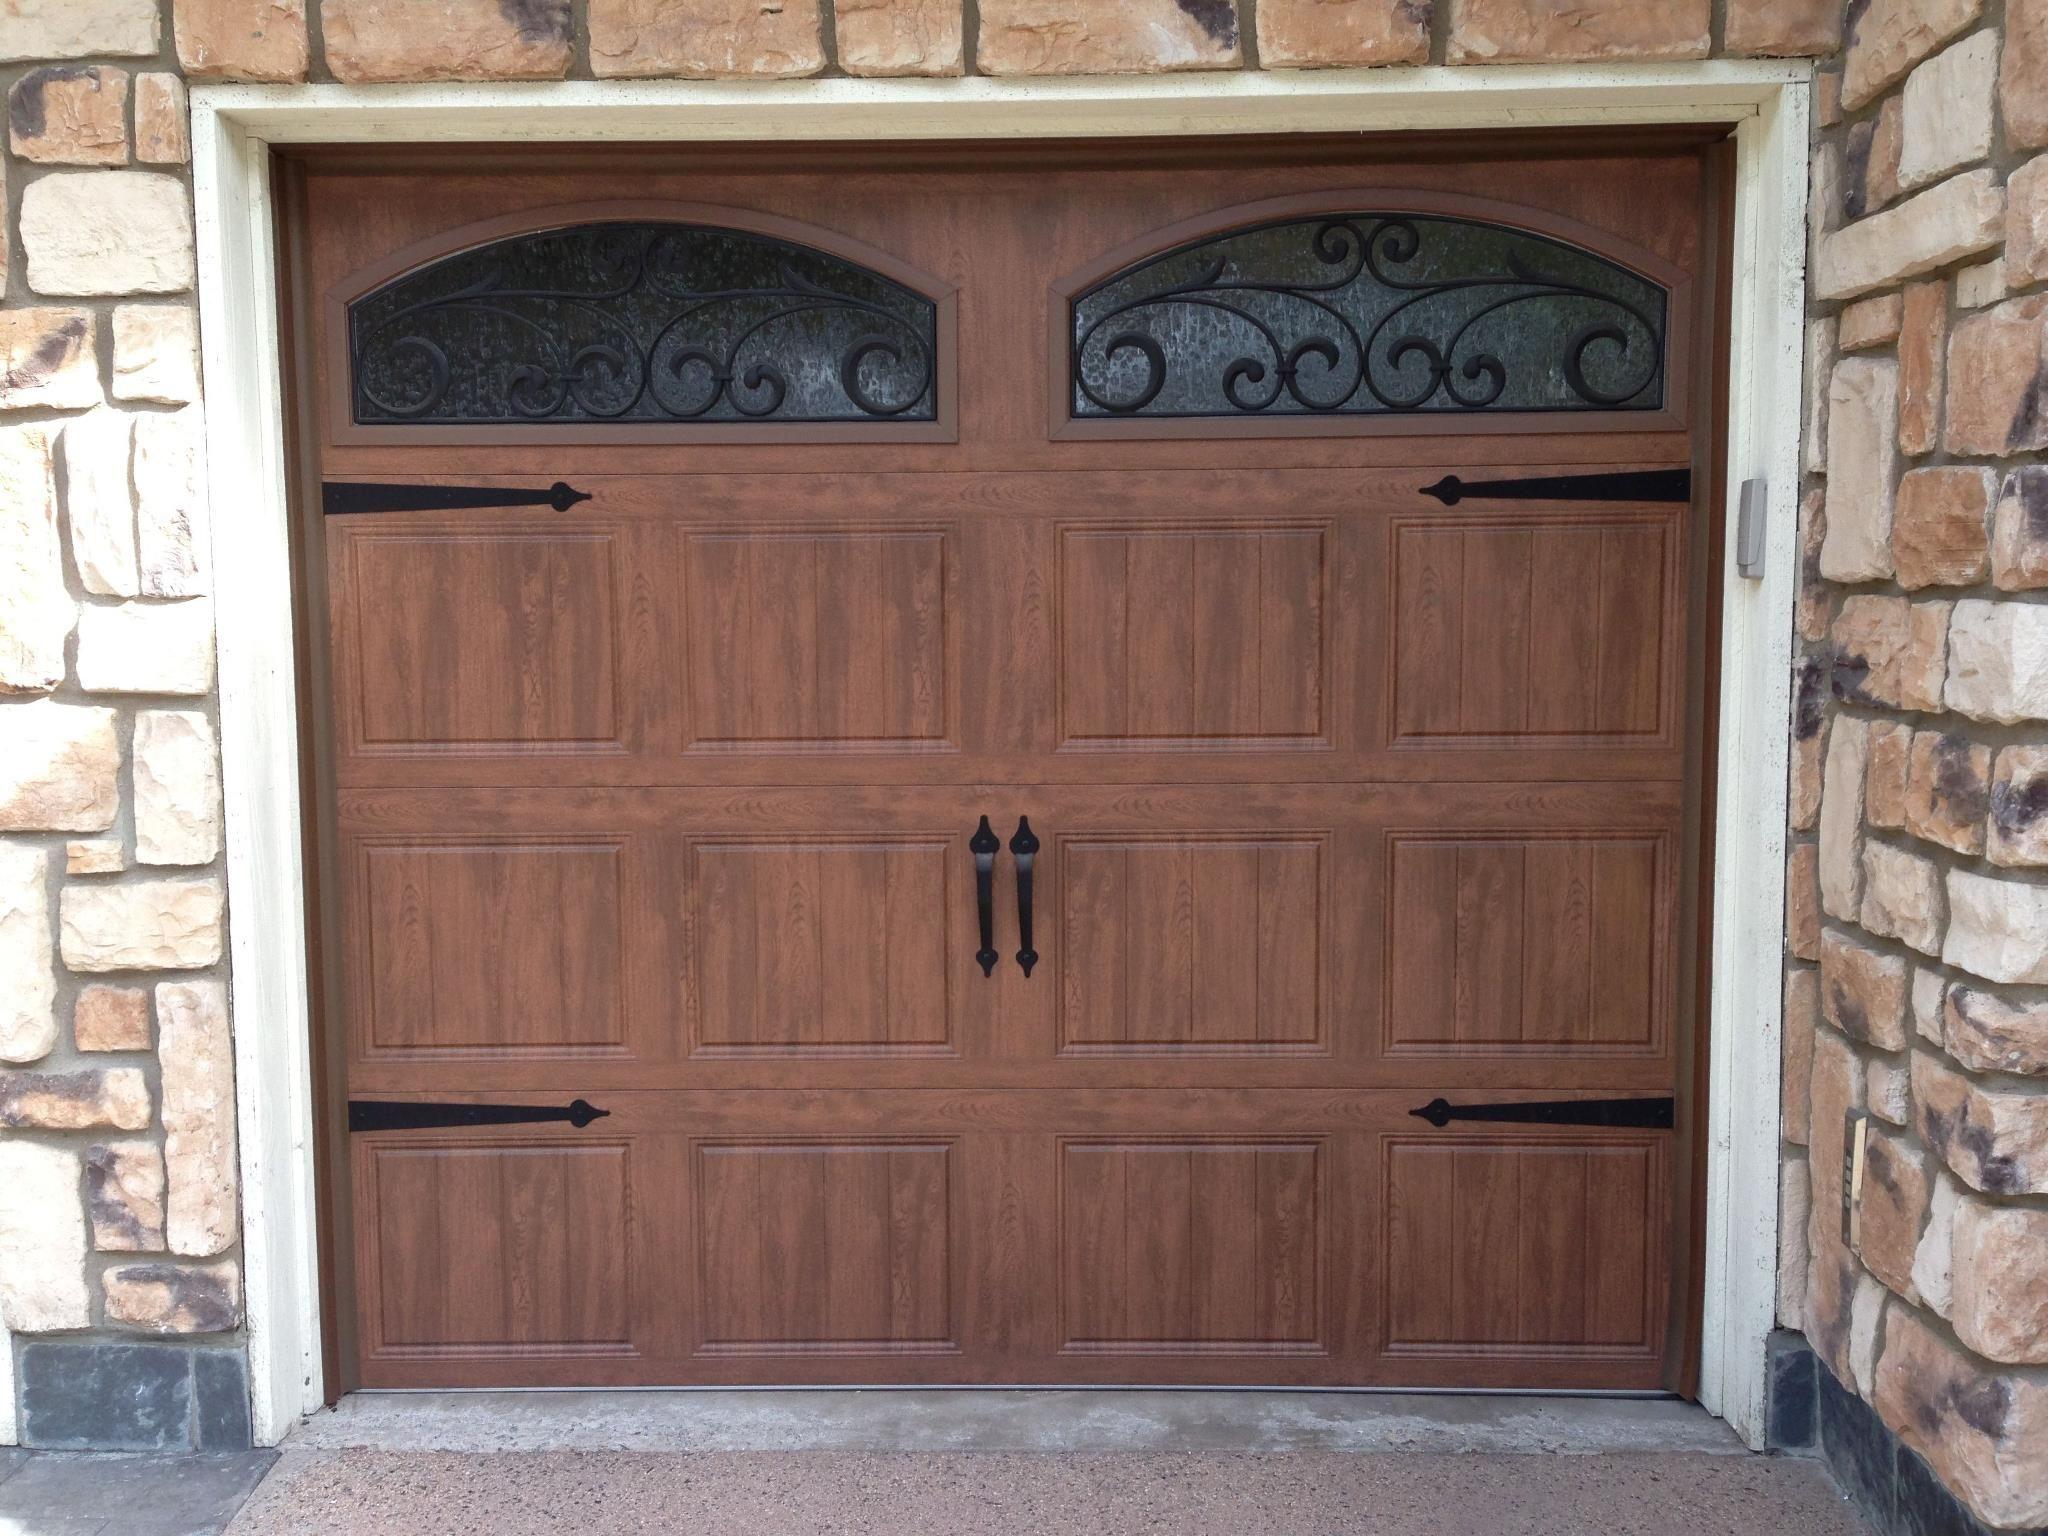 Steel Garage Doors Gallery Collection Garage Doors Wood Garage Doors Garage Door Styles